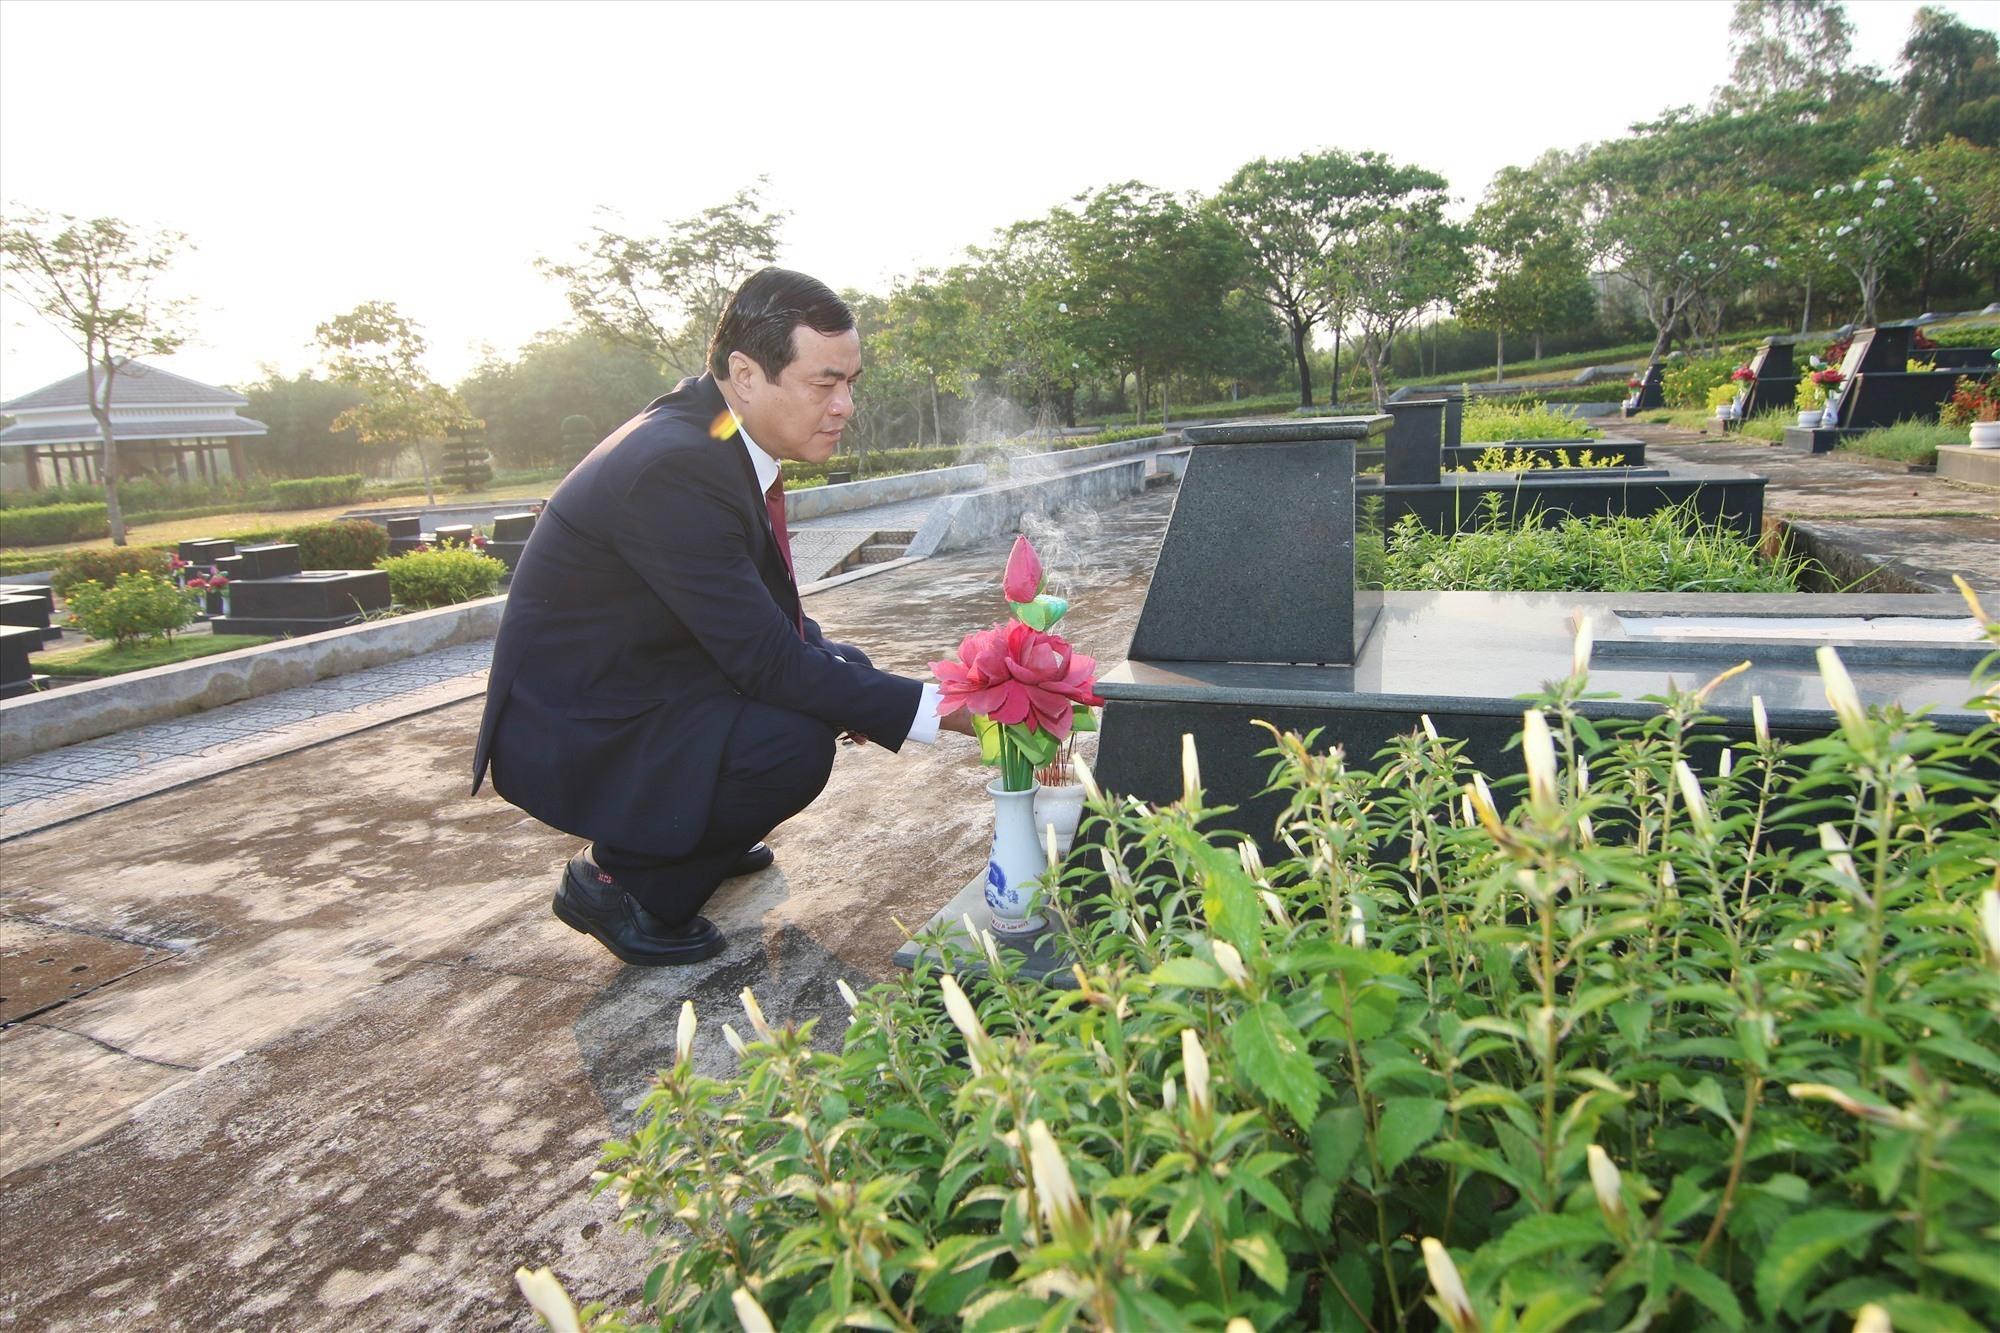 Bí thư Tỉnh ủy Phan Việt Cường thắp hương phần mộ liệt sĩ tại nghĩa trang liệt sĩ tỉnh. Ảnh: T.C